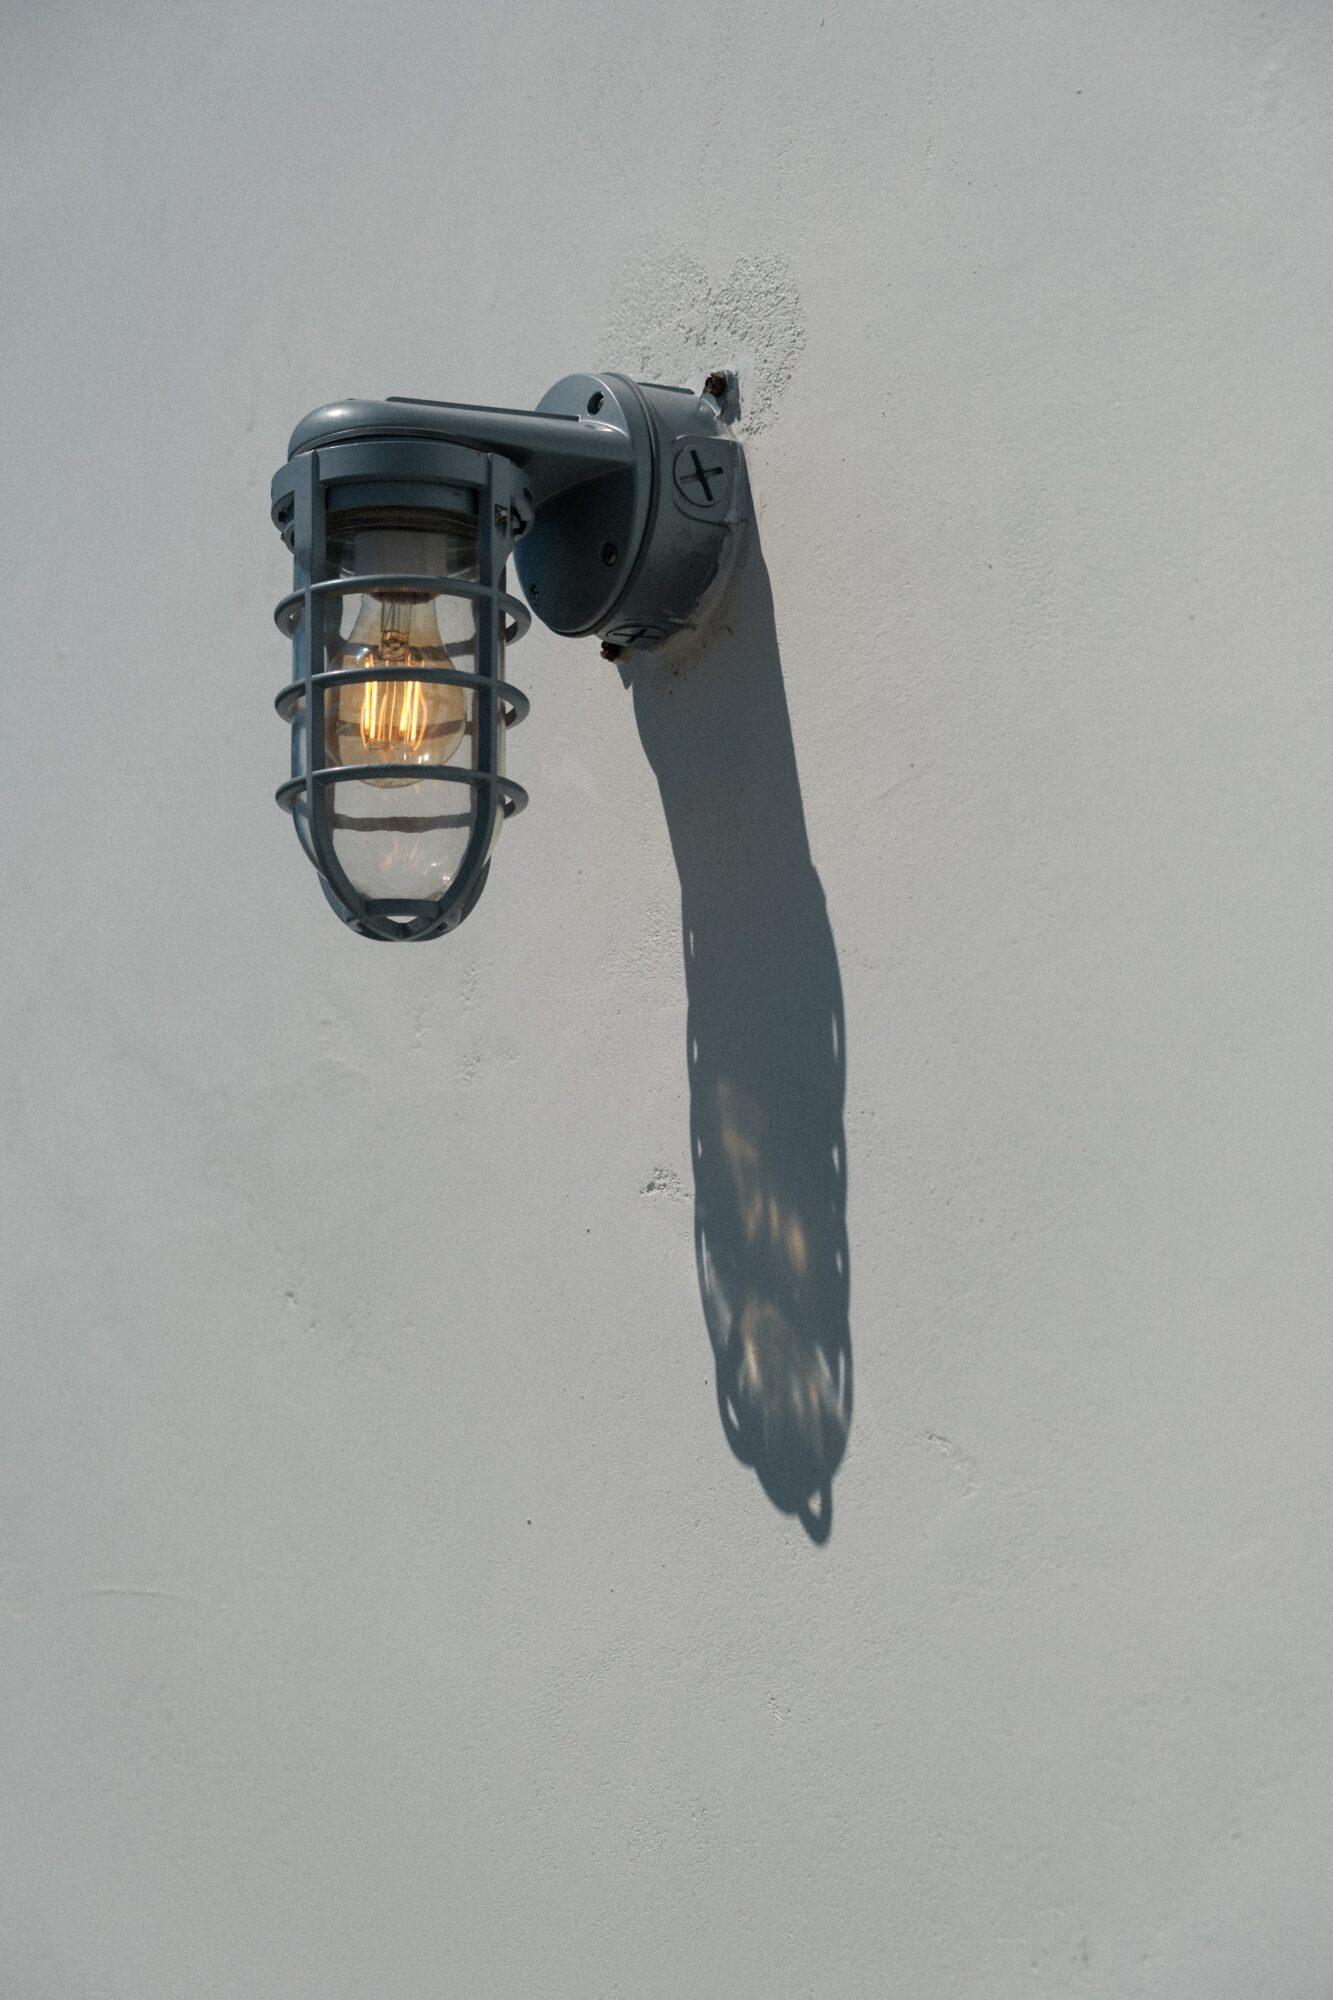 Sensorlamper øger sikkerheden i dit hjem og på din arbejdsplads